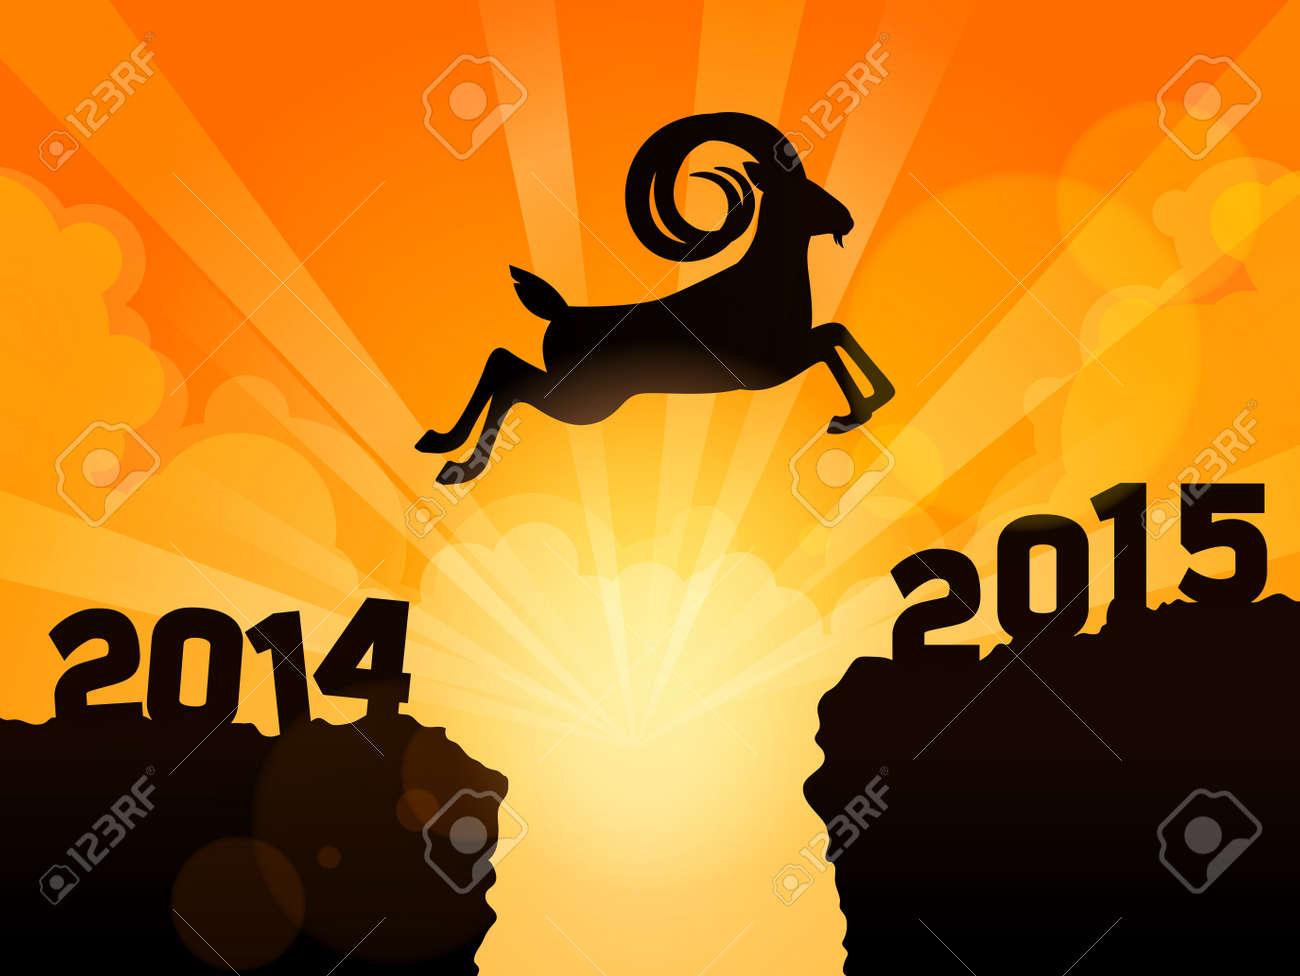 Frohes Neues Jahr 2015 Jahr Der Ziege. Eine Ziege Springt 2014-2015 ...